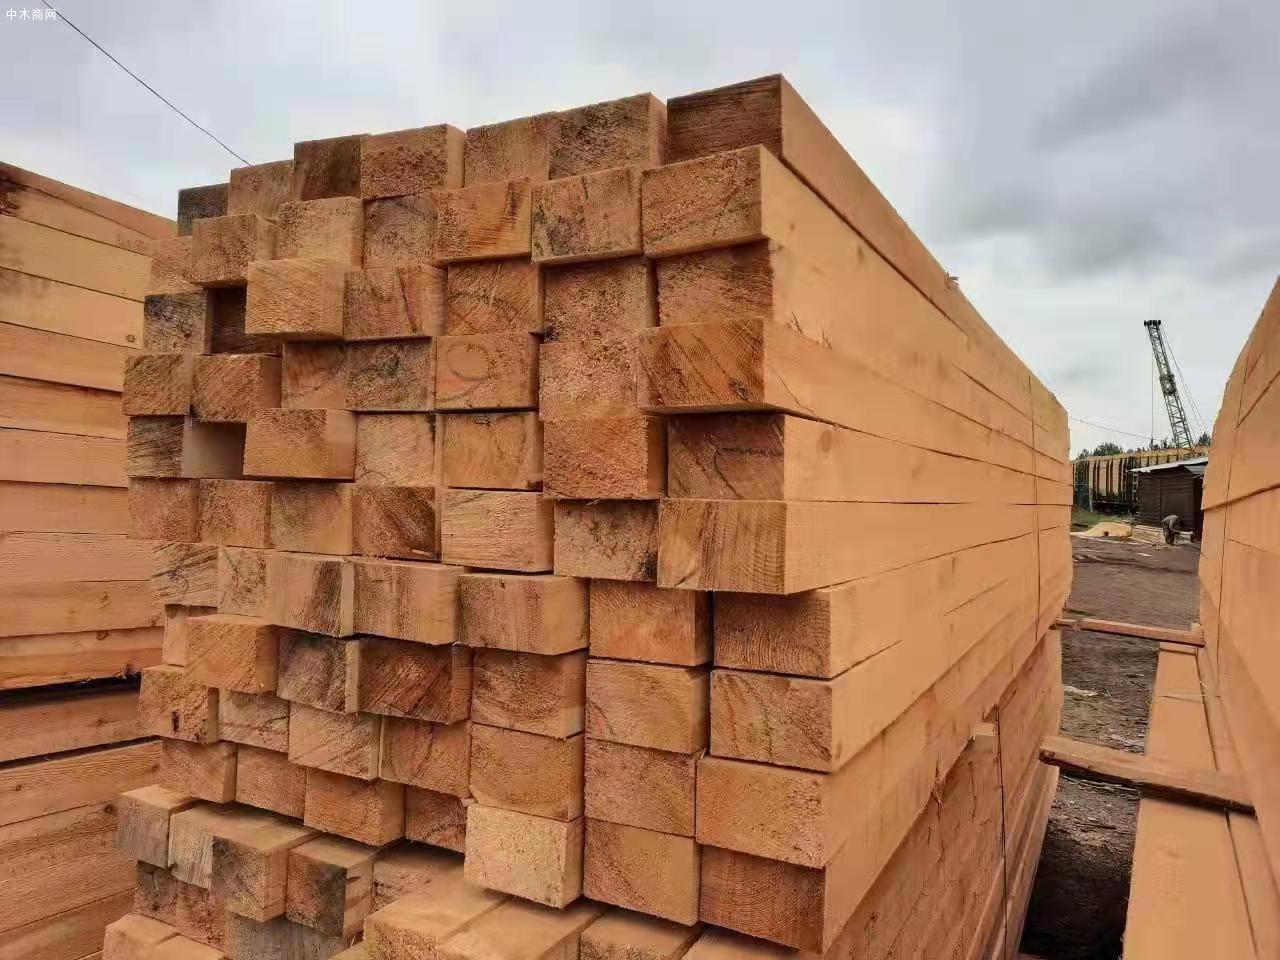 中国近期针对木材需求开始有所减弱